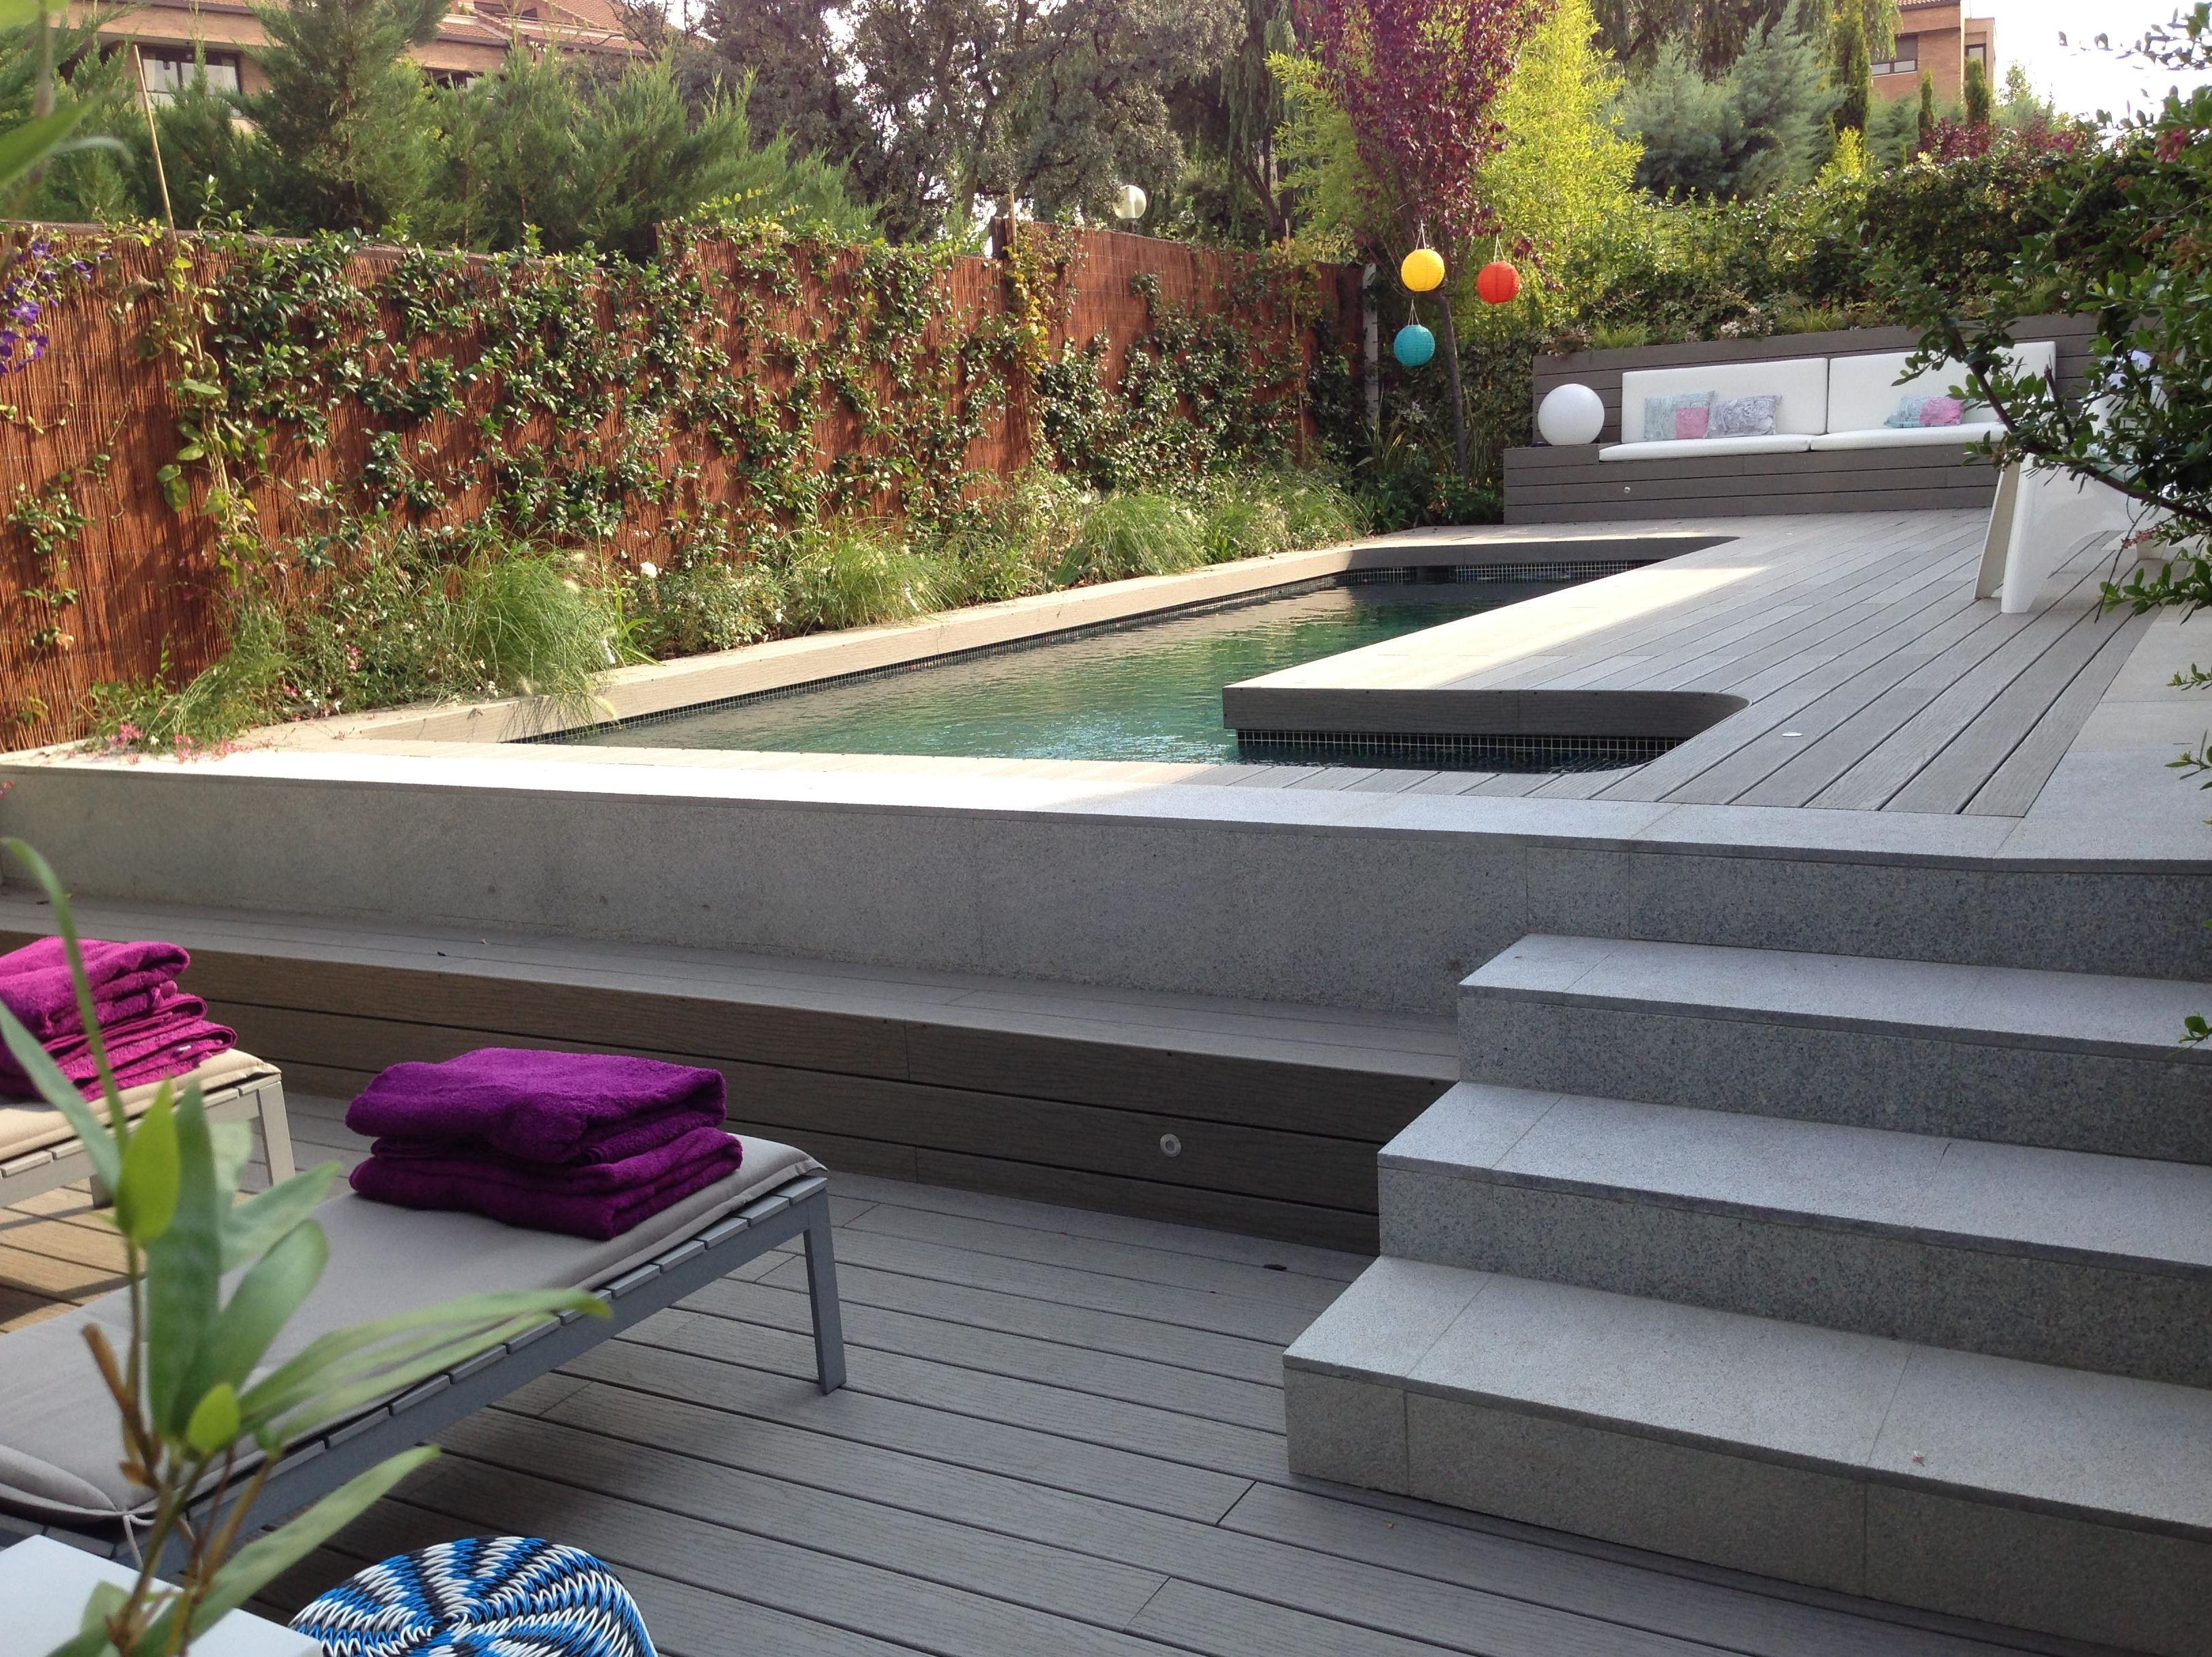 Foto 1 de piscinas instalaci n y mantenimiento en san for Piscina elevada obra